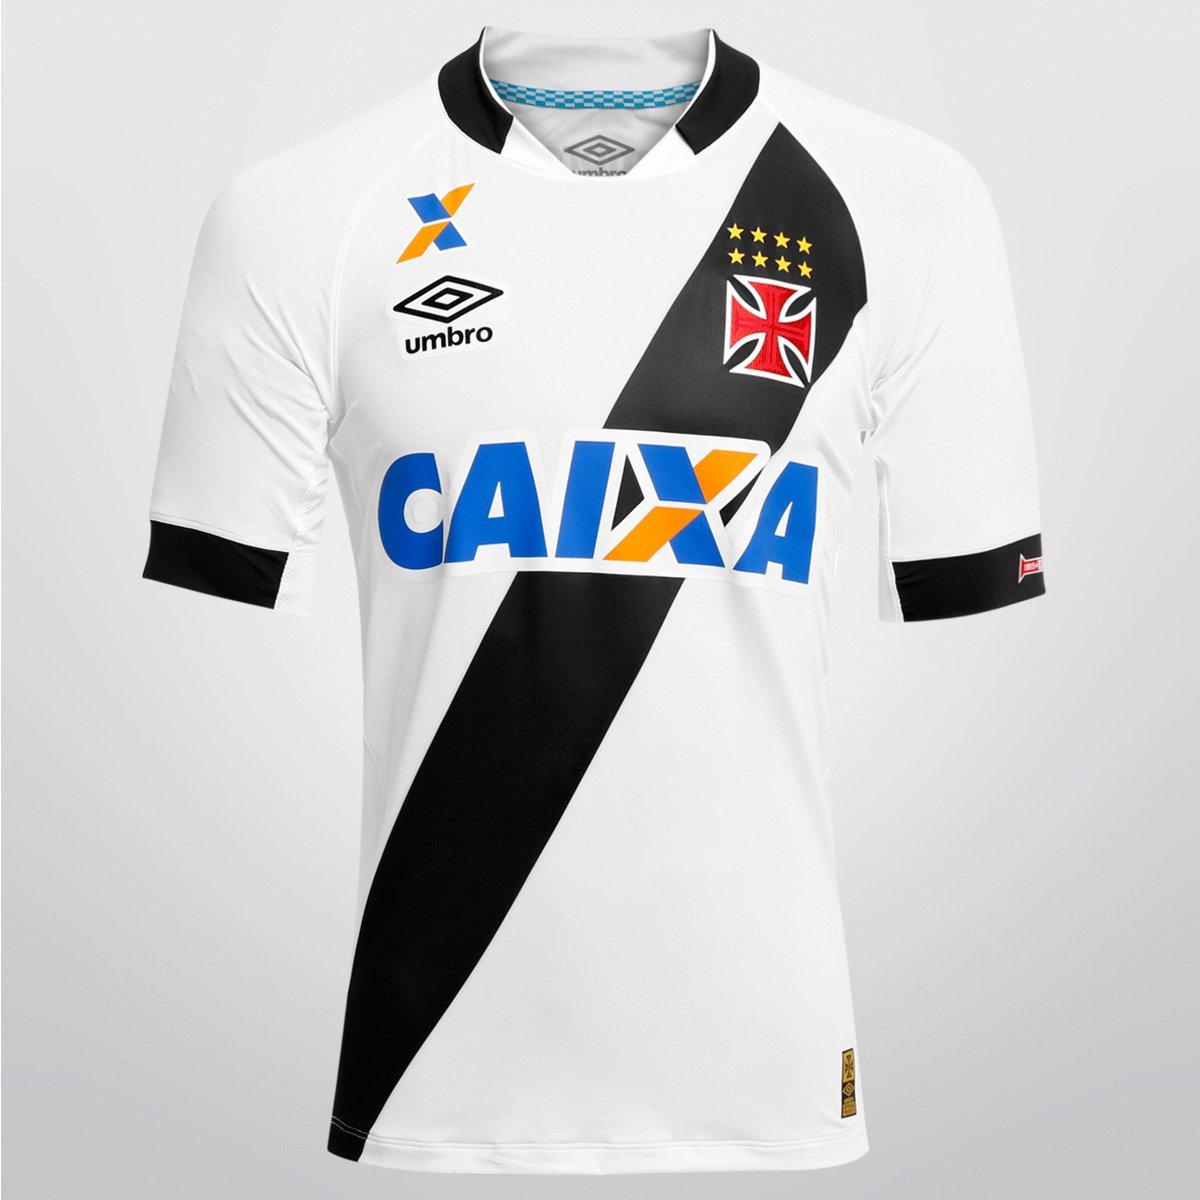 Camisa Umbro Vasco II 15 16 s nº - Jogador - Compre Agora  13634b4df6bb9